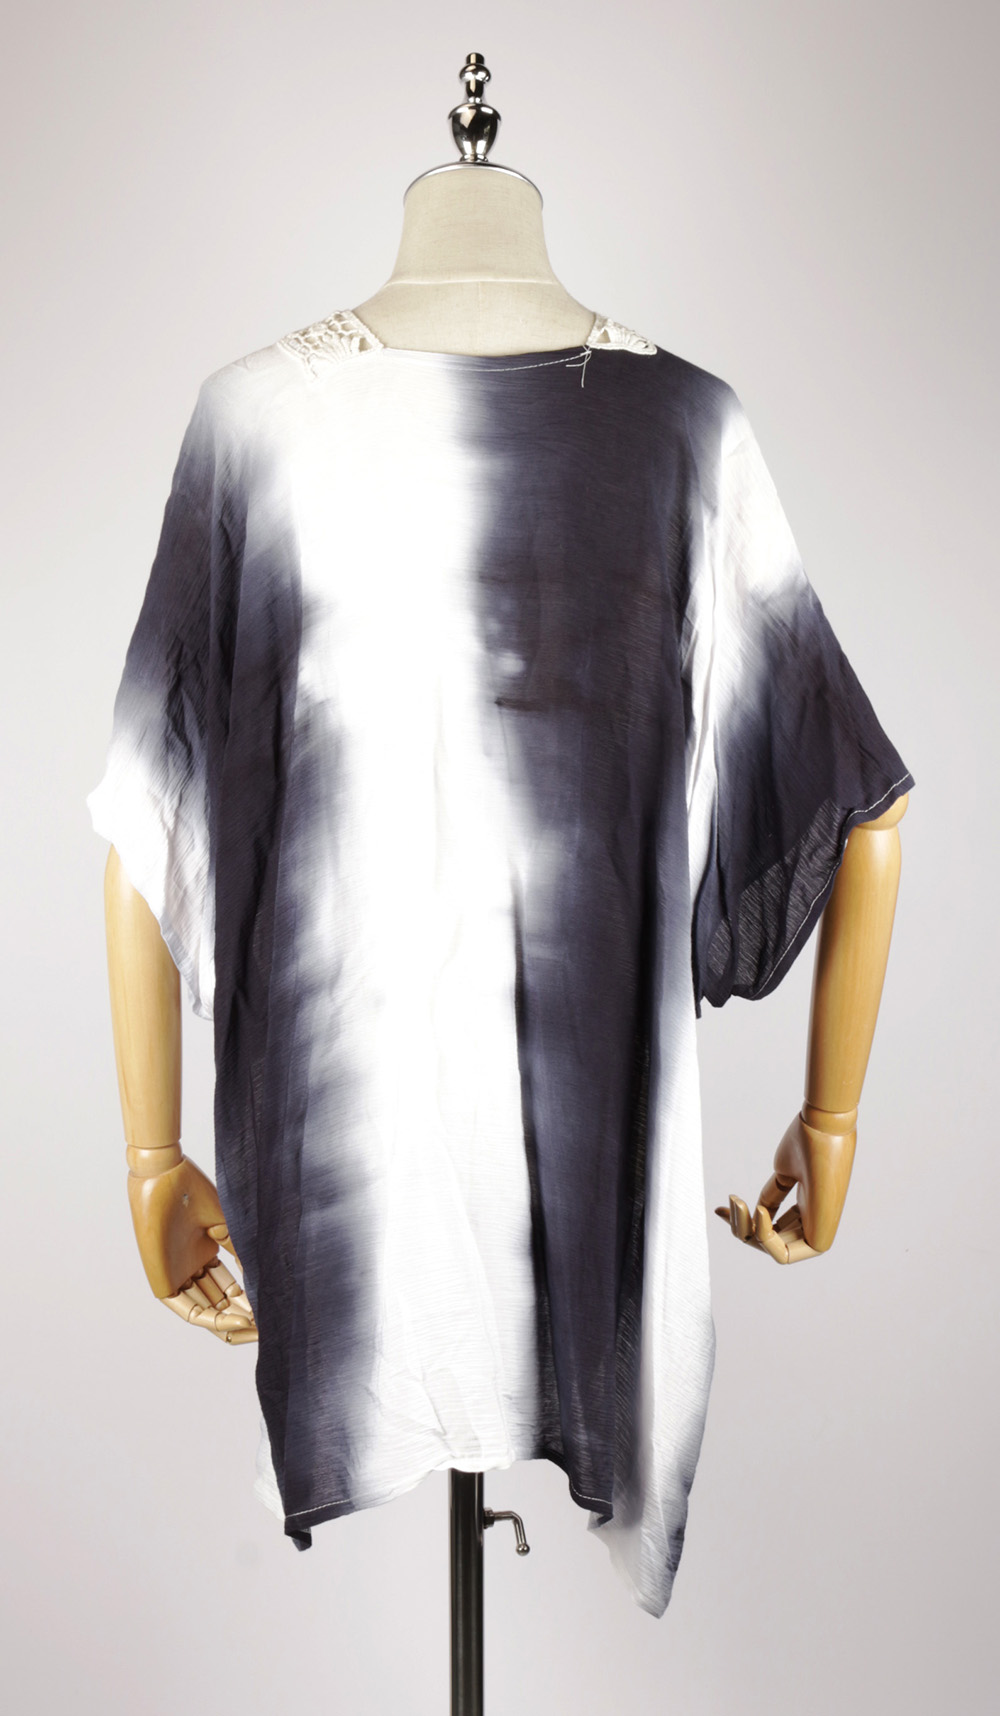 TDK1624 Tie-dye kaftan dress back